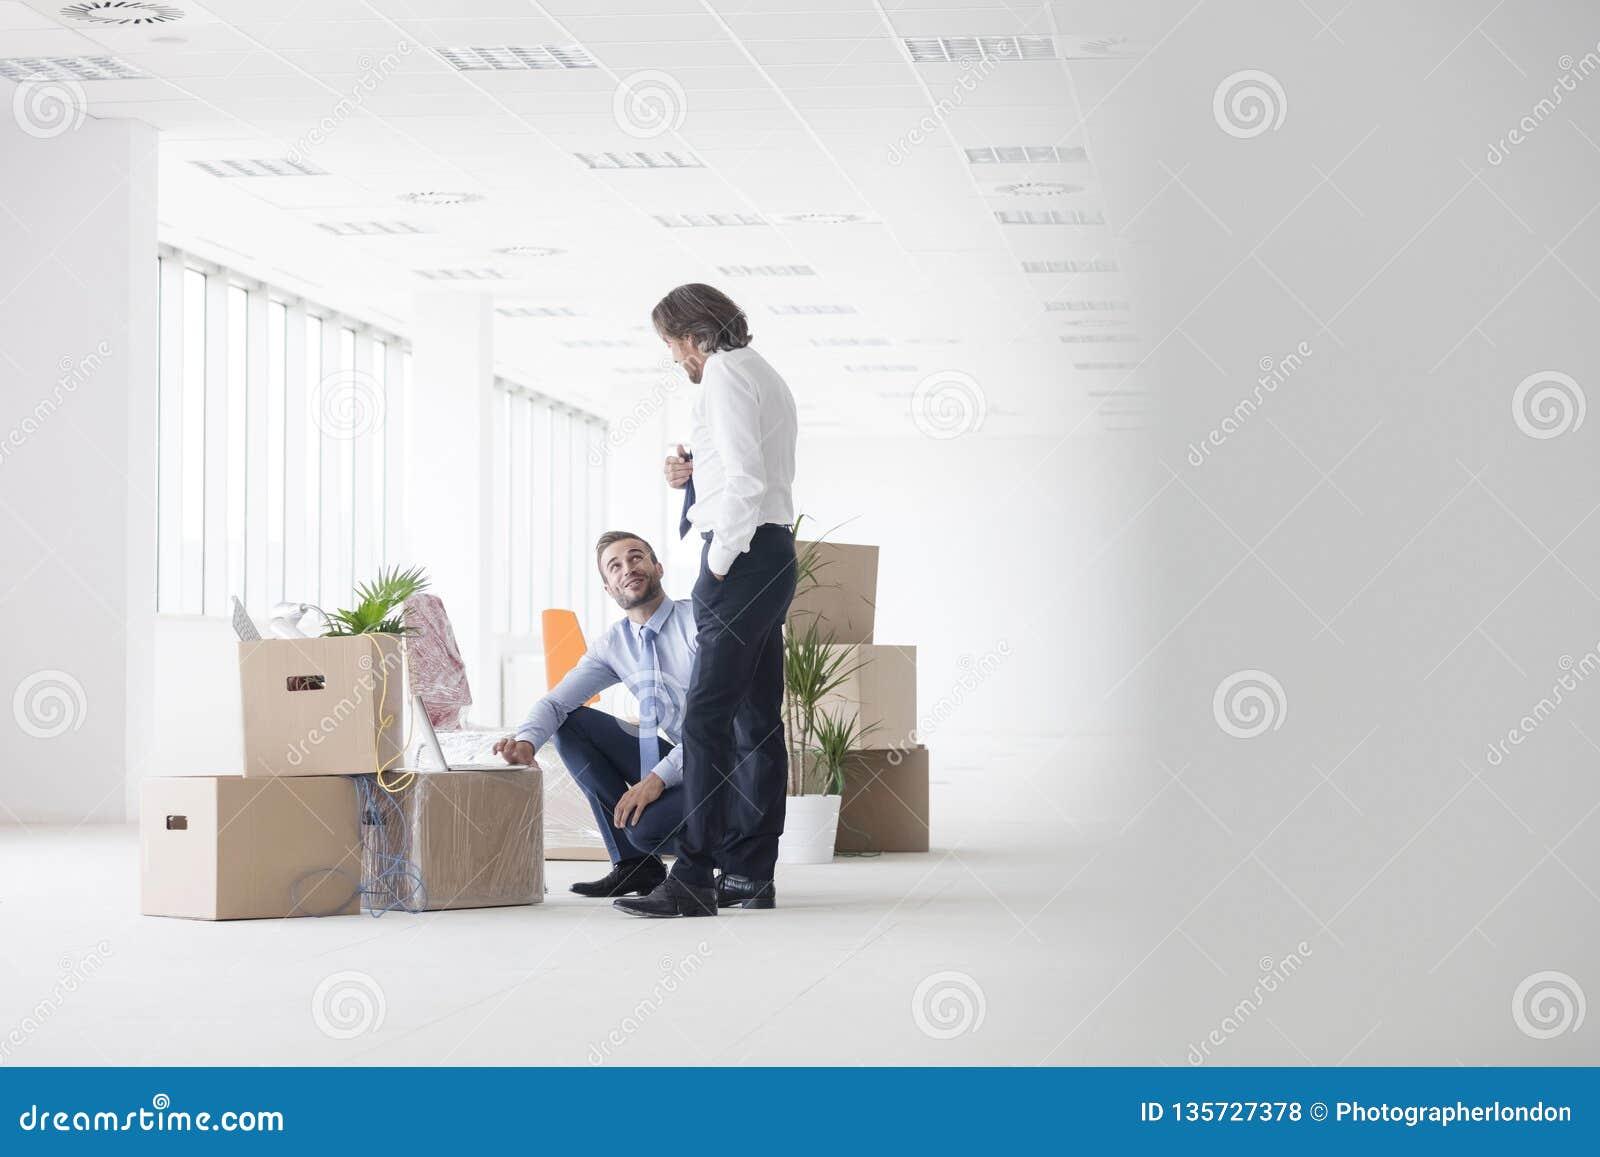 Ώριμος επιχειρηματίας που μιλά στο νέο σκύψιμο συναδέλφων από τα κουτιά από χαρτόνι στο νέο γραφείο